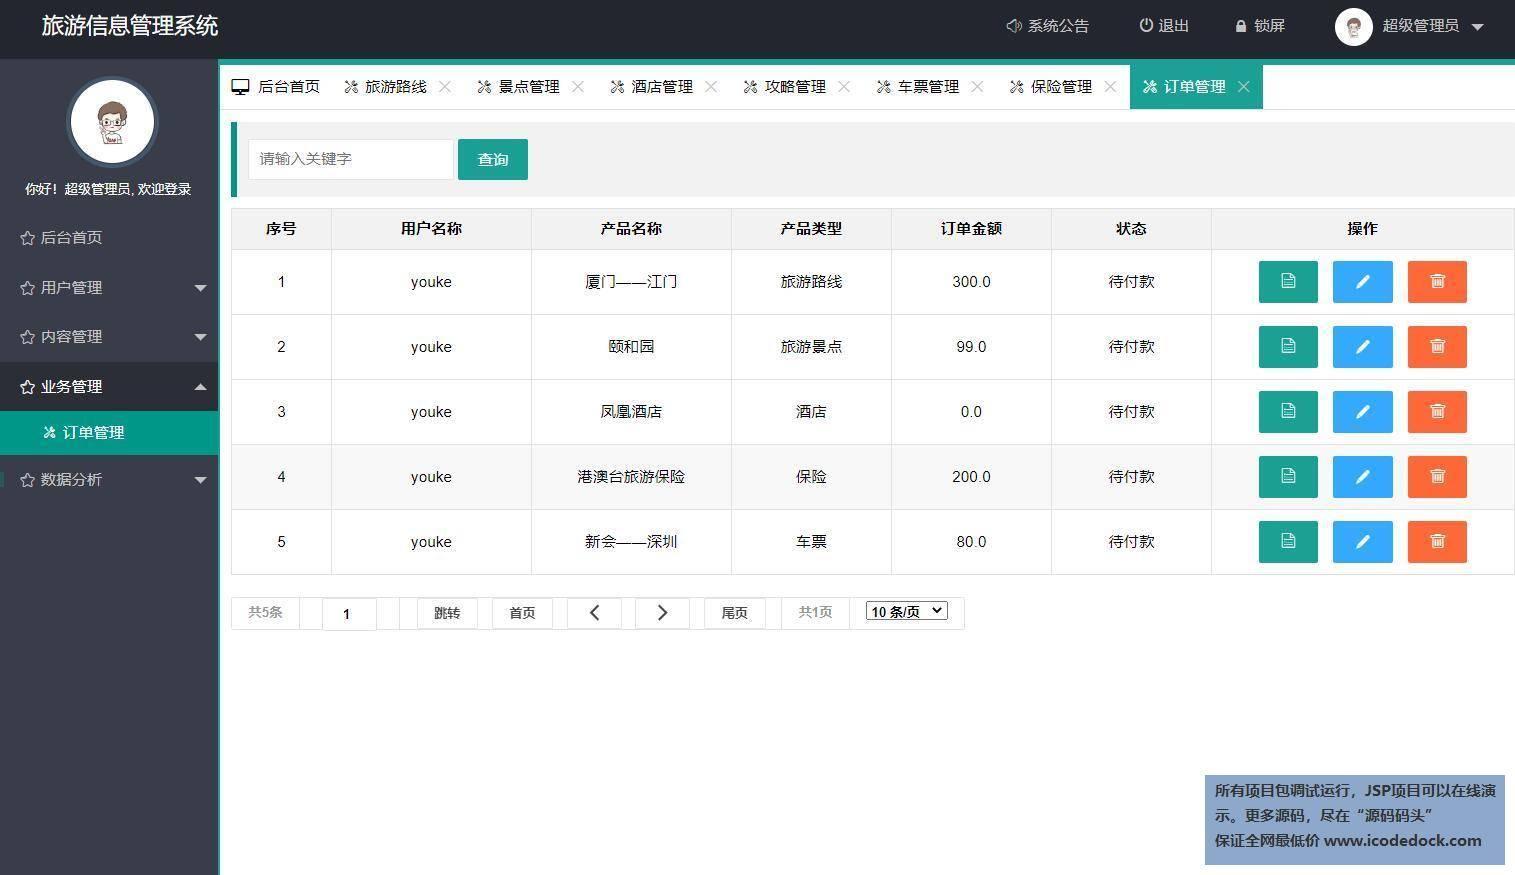 源码码头-Springboot旅游网站管理系统-管理员角色-订单管理